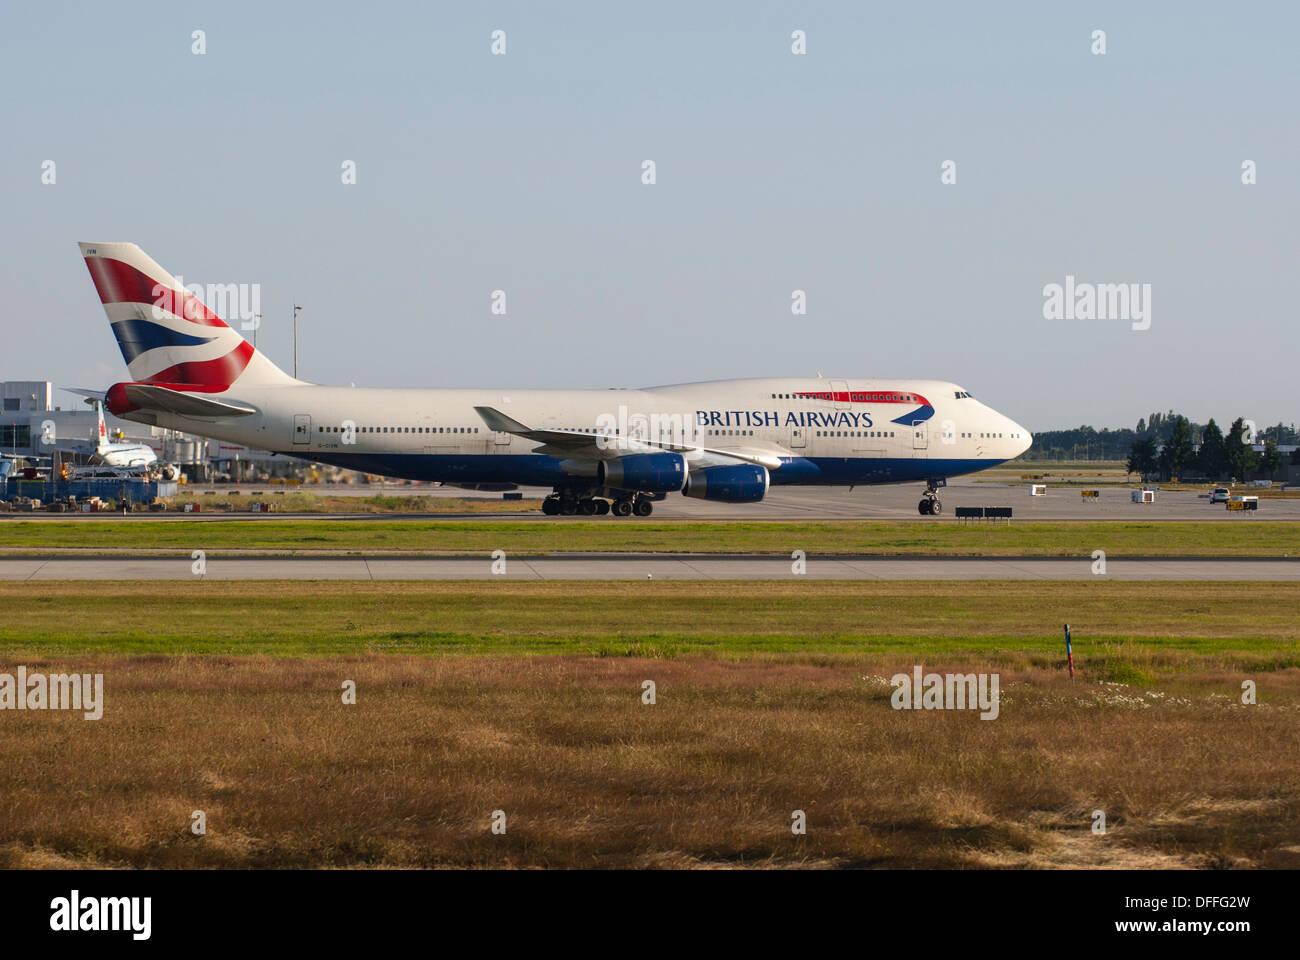 British Airways Boeing 747-436 le roulage piste à l'aéroport, l'Aéroport International de Photo Stock